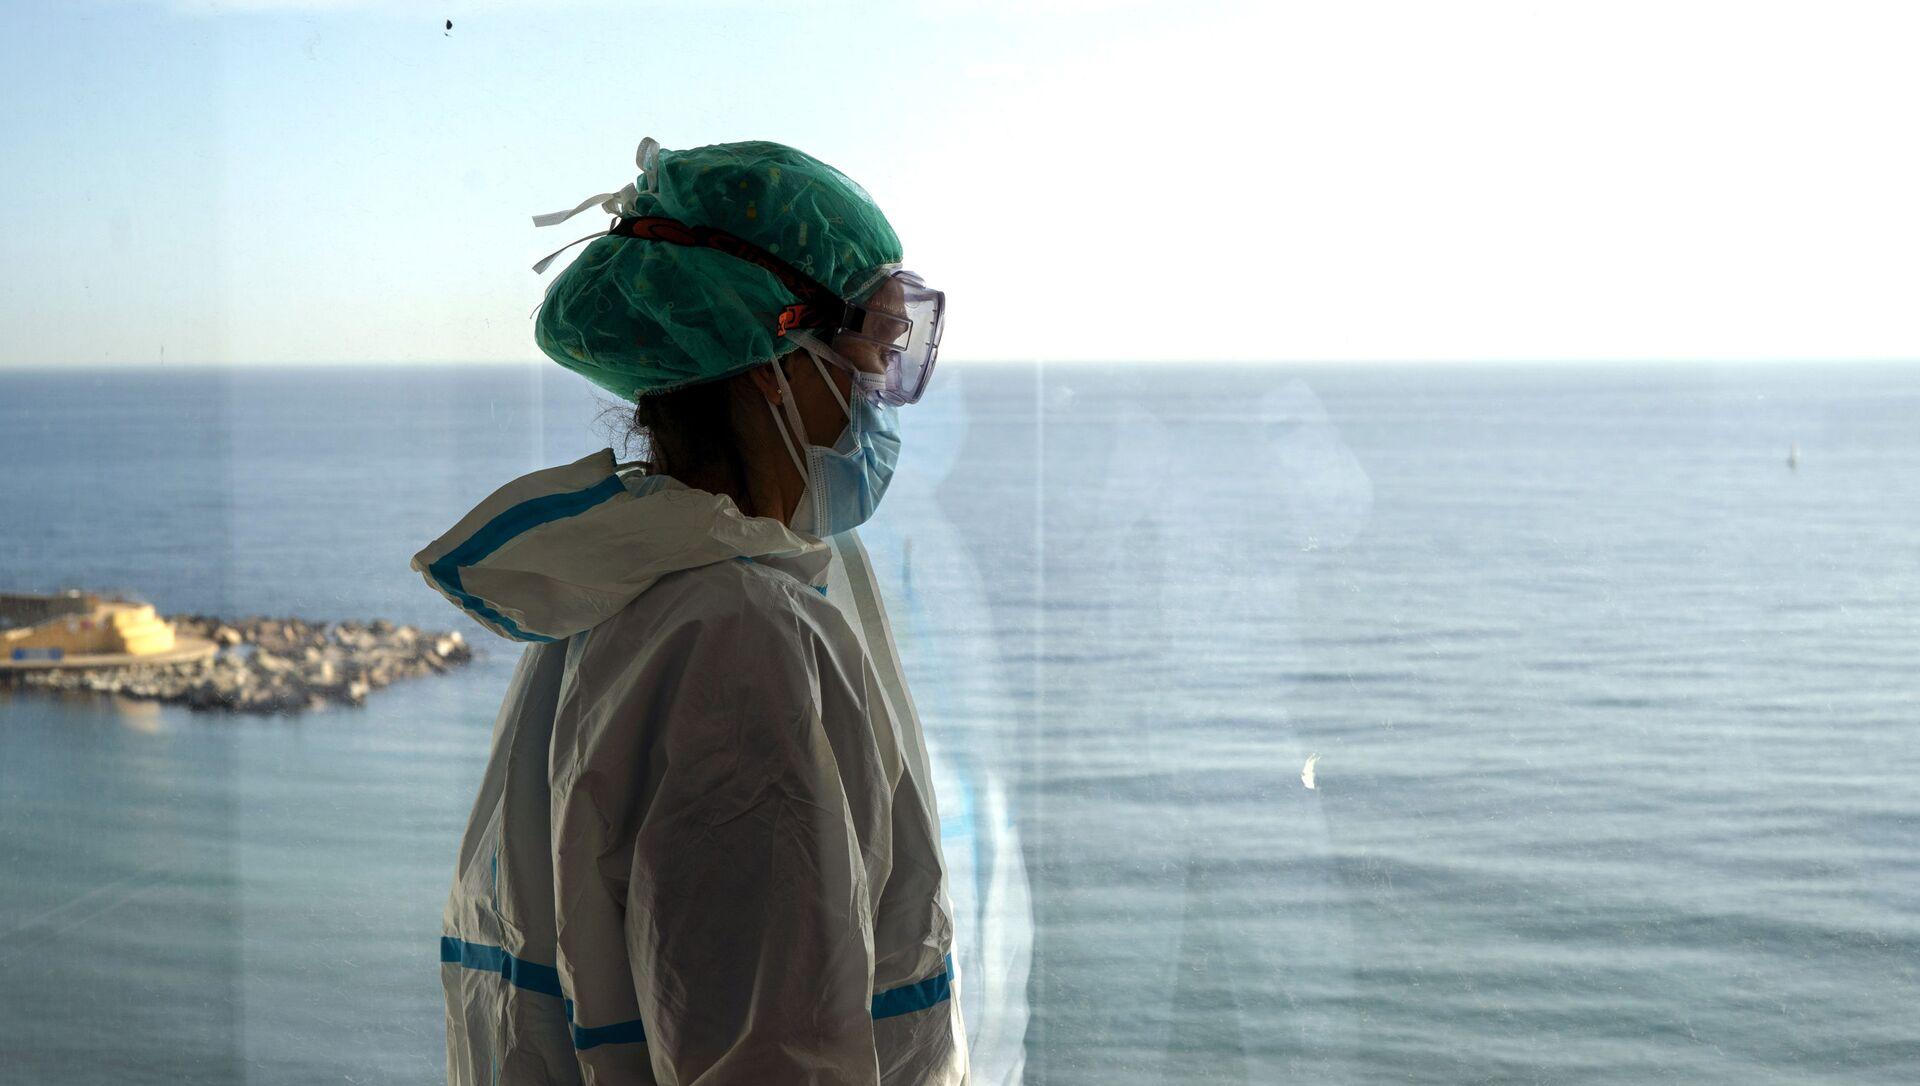 La enfermera Marta Fernández mira el mar desde una ventana durante un breve descanso en la sala COVID-19 del hospital del Mar en Barcelona - Sputnik Mundo, 1920, 02.02.2021